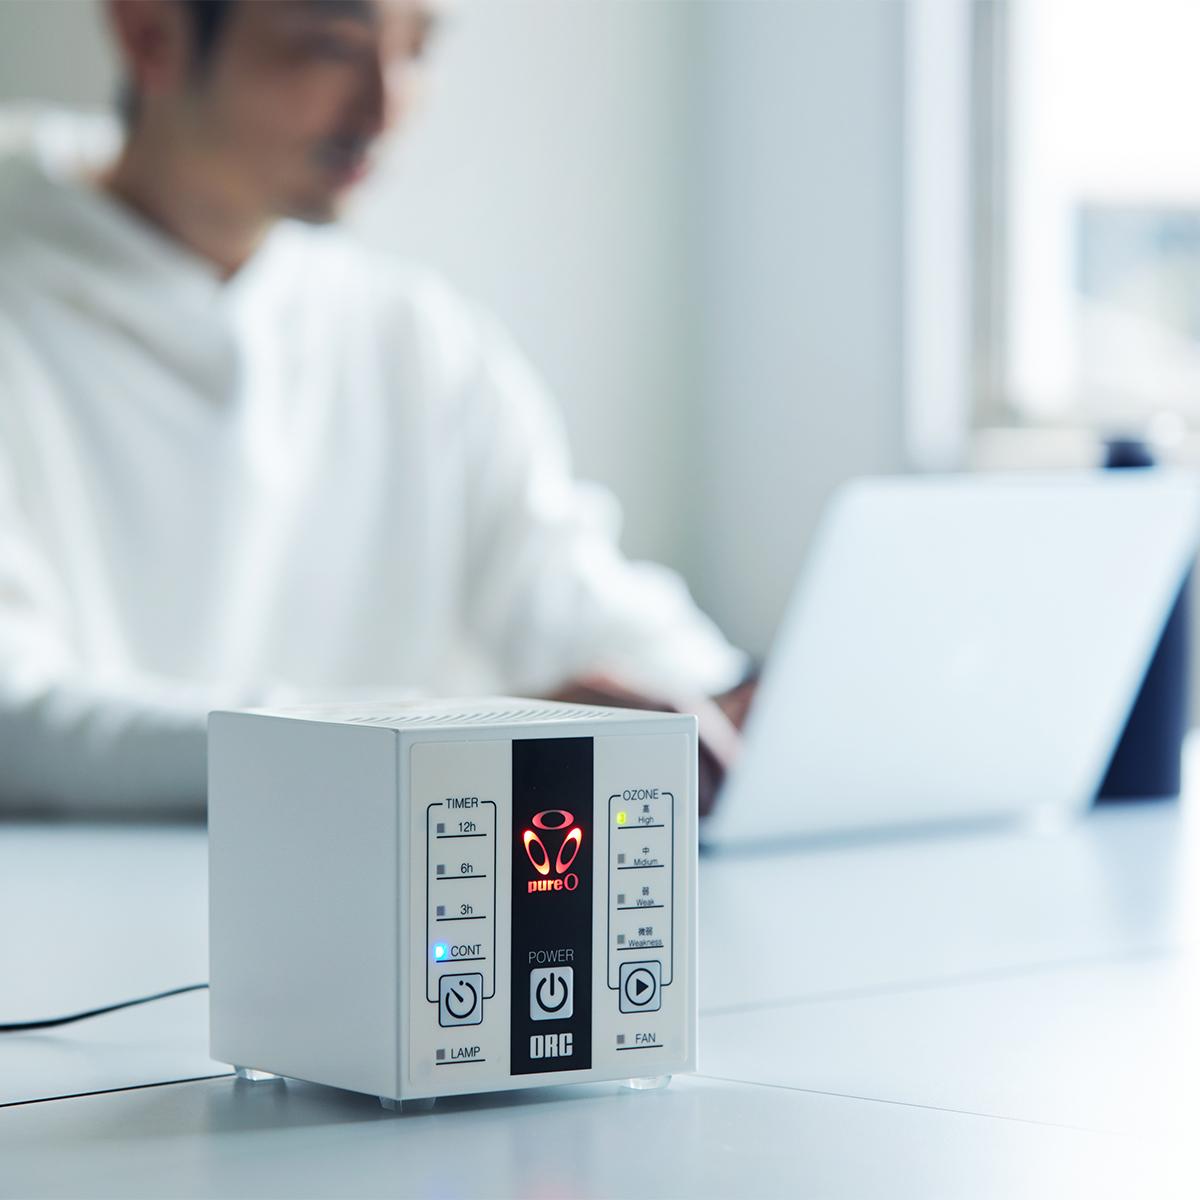 部屋を丸ごと消臭・除菌。日本初、特許のUVランプでウイルス・菌を不活化させる「オゾン発生器・間接照明ランプ」|RoomiAir